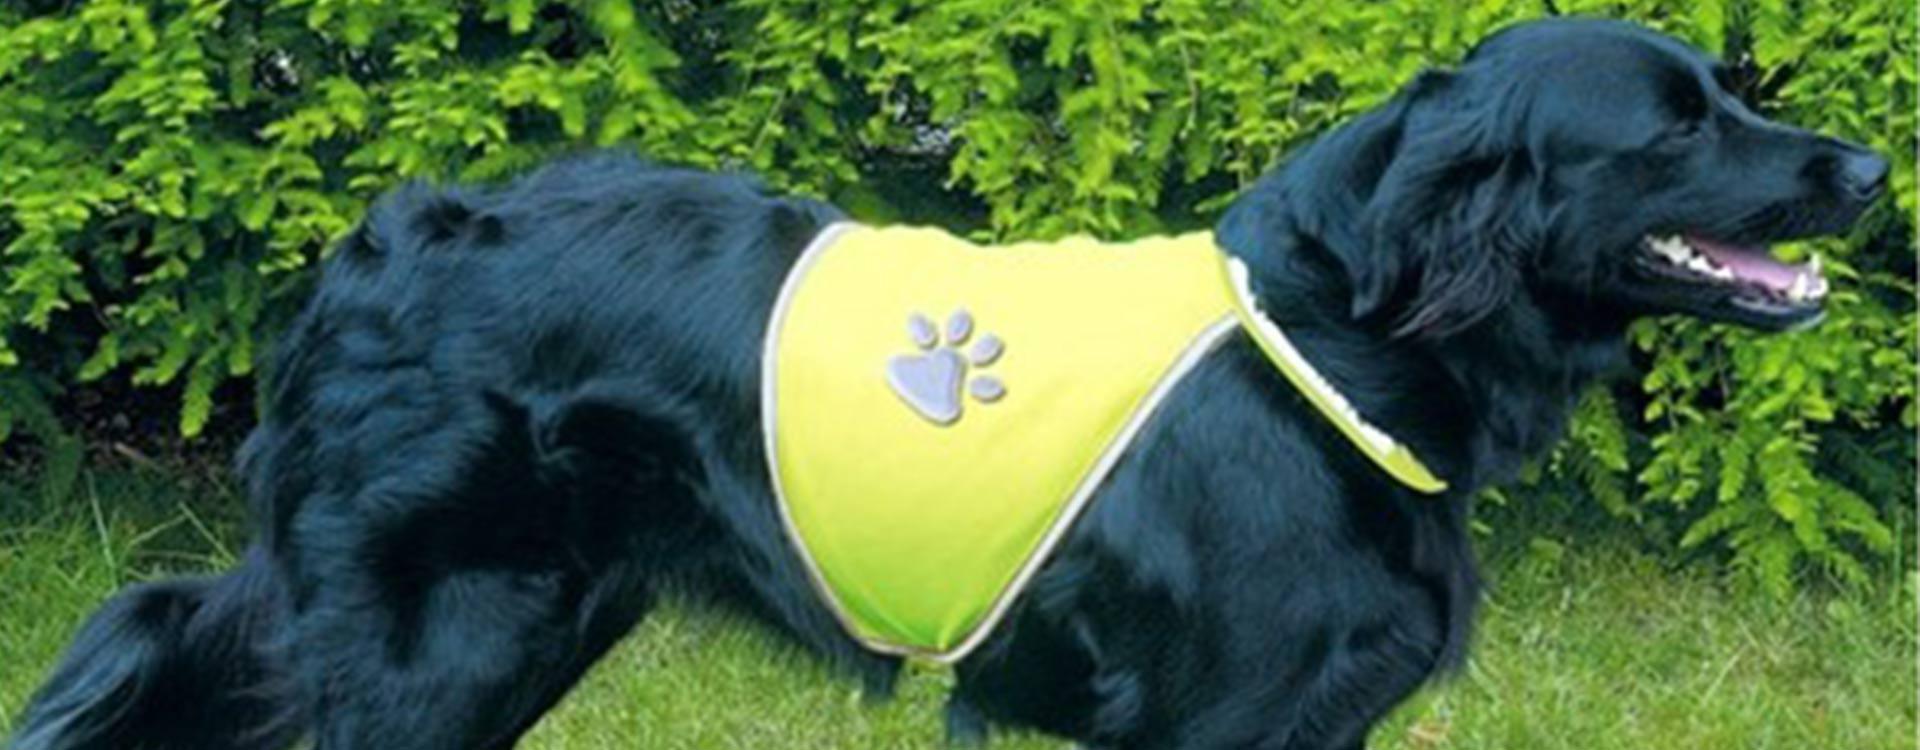 Gilet de sécurité pour chien